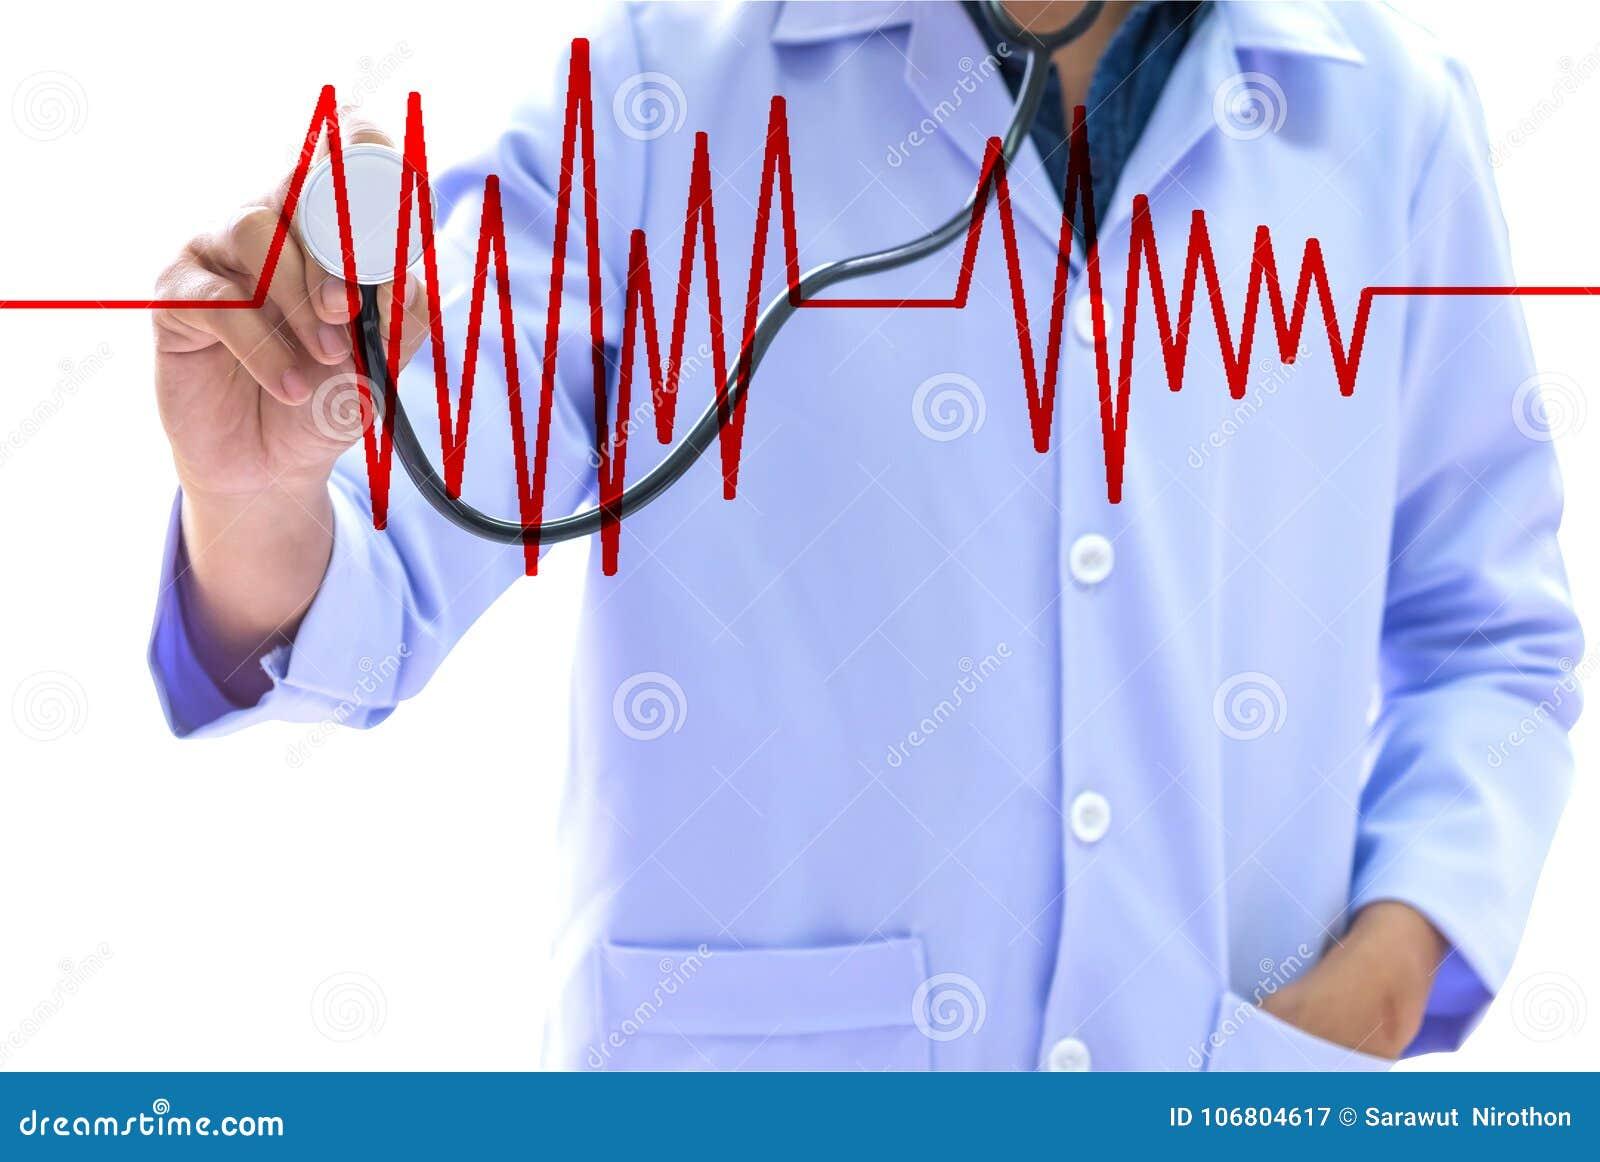 医疗保健概念,穿一件白色制服的人拿着一stethosc